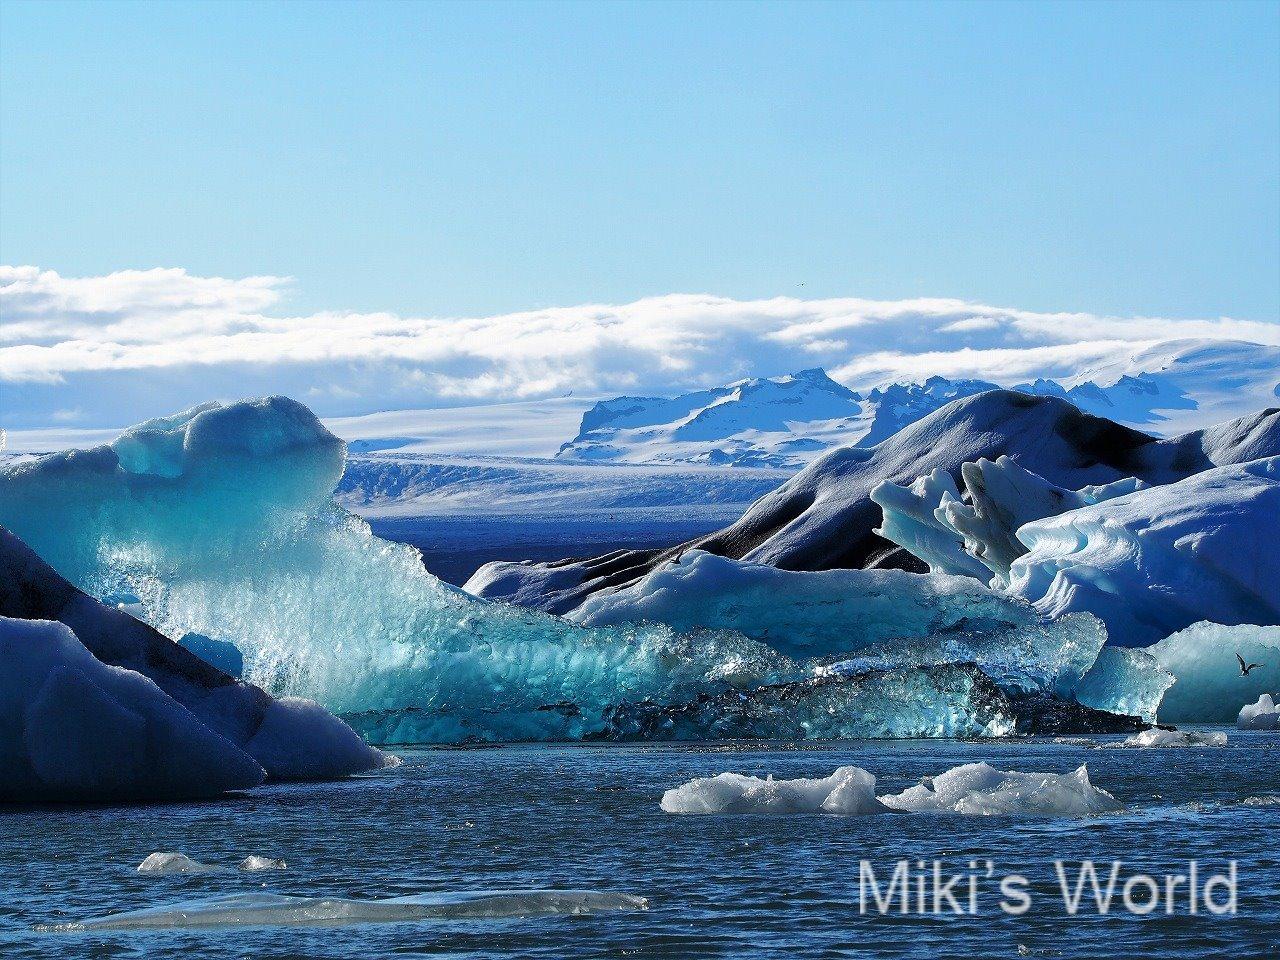 アイスランドの氷河湖 青の世界 ヨークルスアゥルロゥン氷河湖はイチオシですが、、、